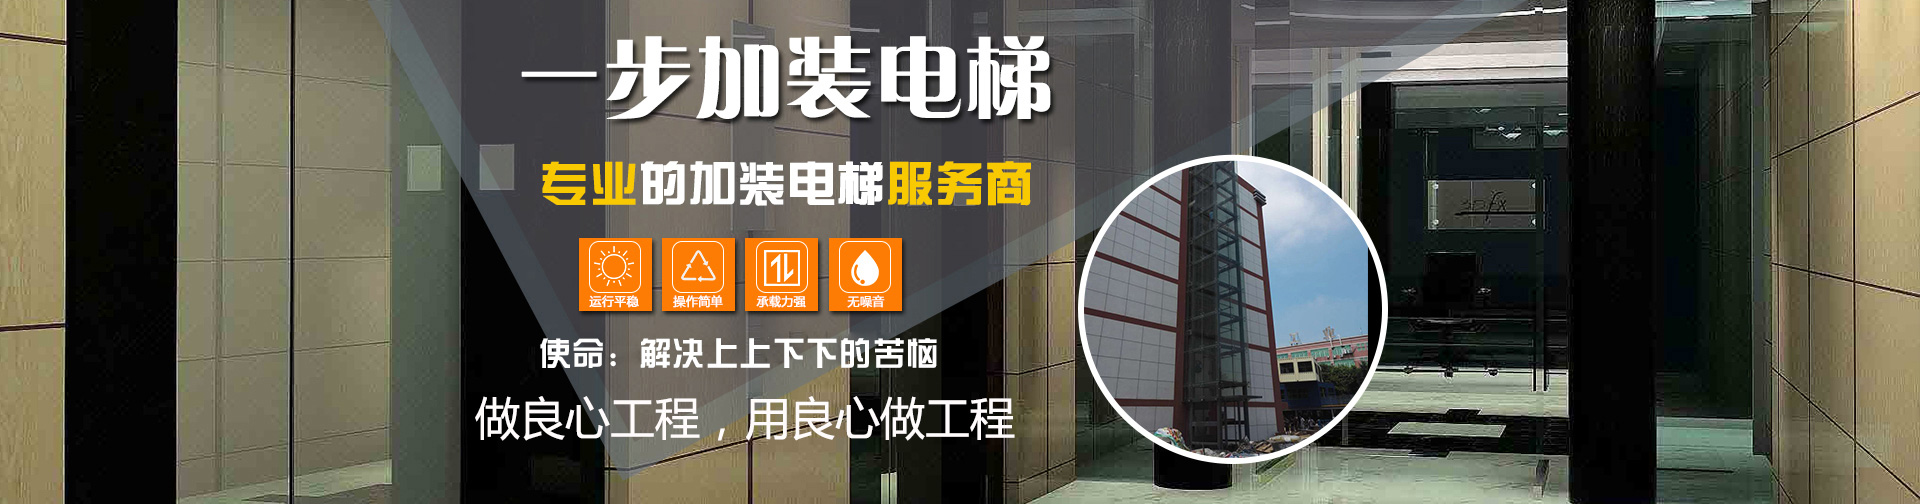 福建一步电梯工程有限公司